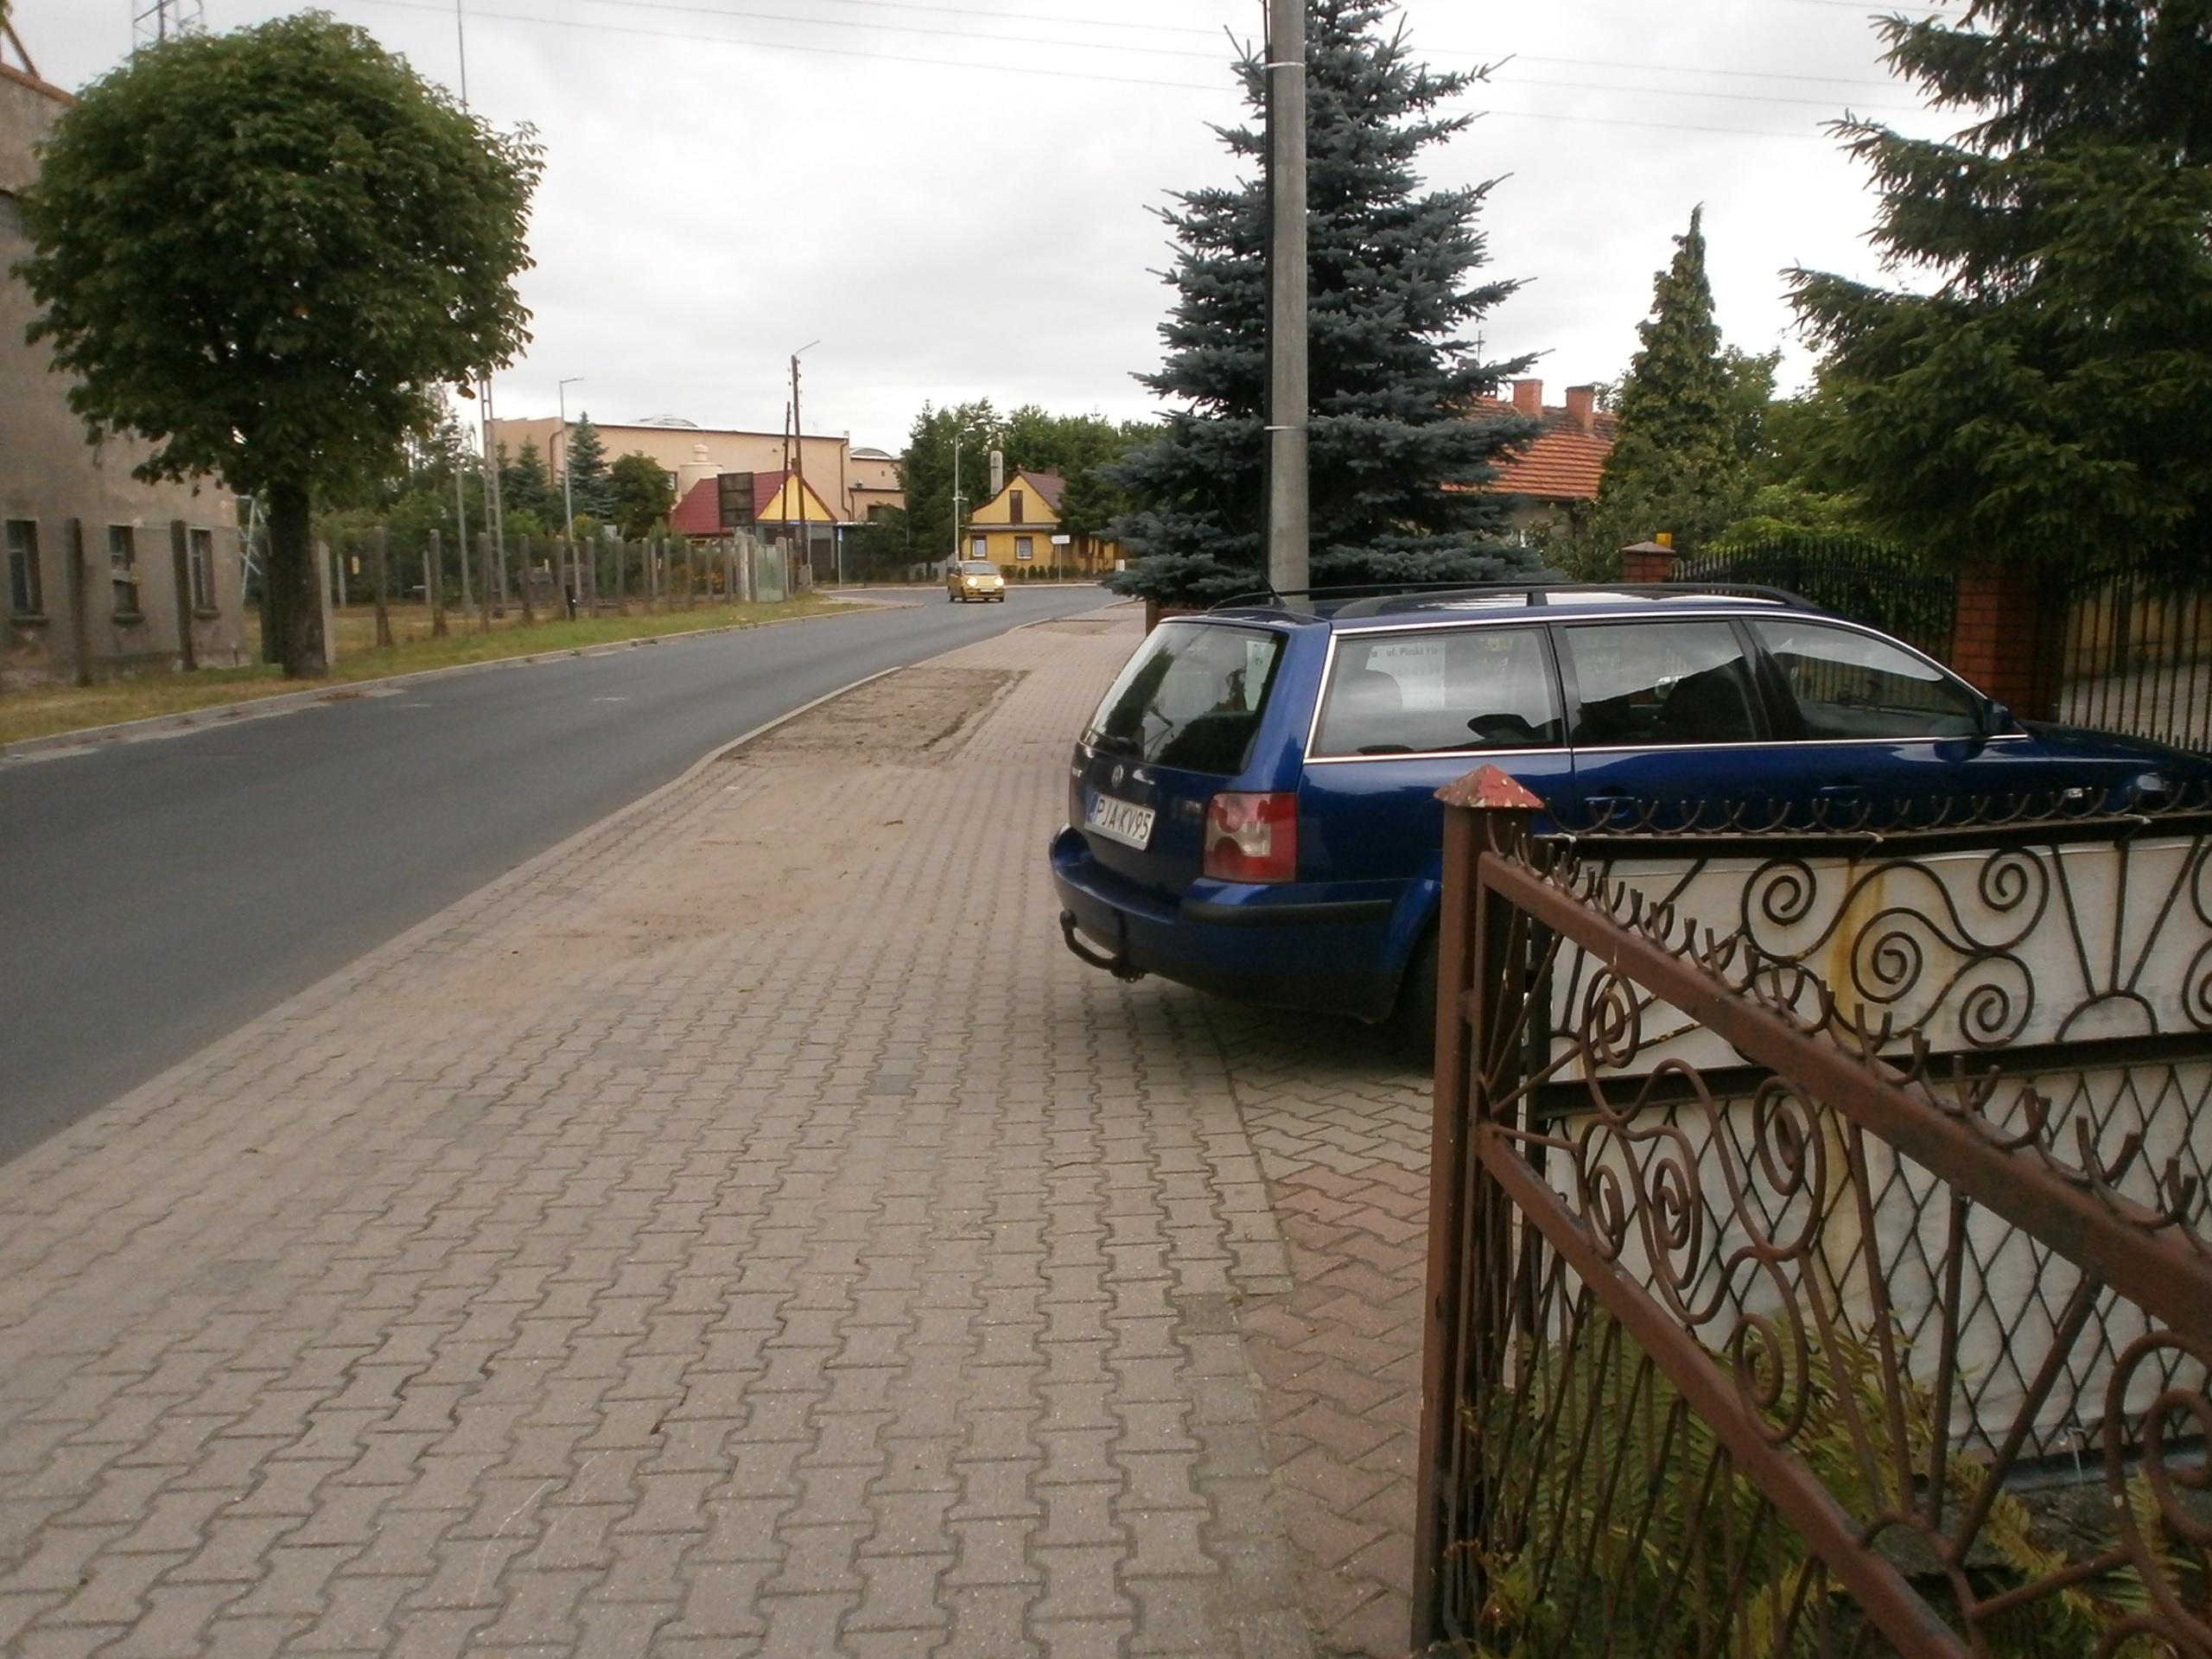 Samochów parkujący częściowo na chodniku